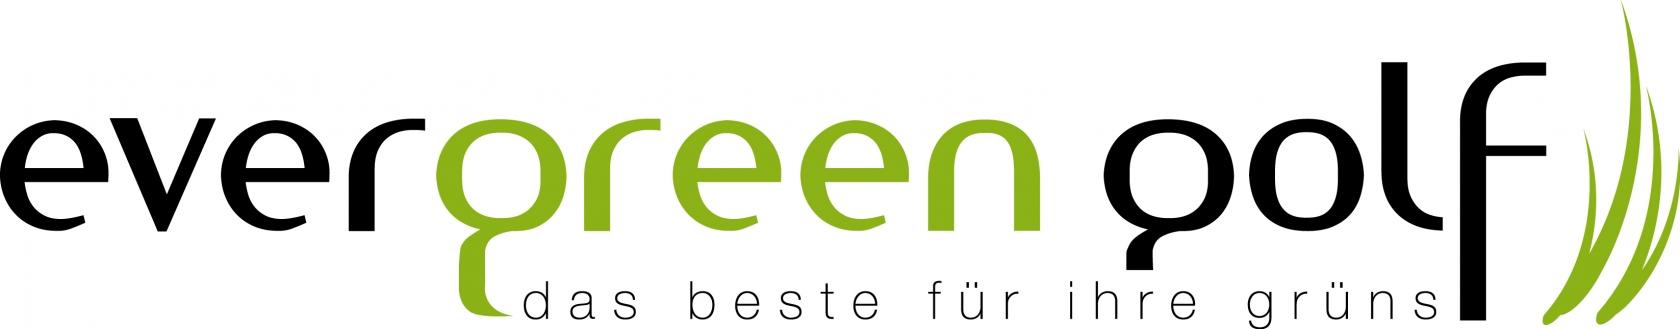 evergreengolf final logo